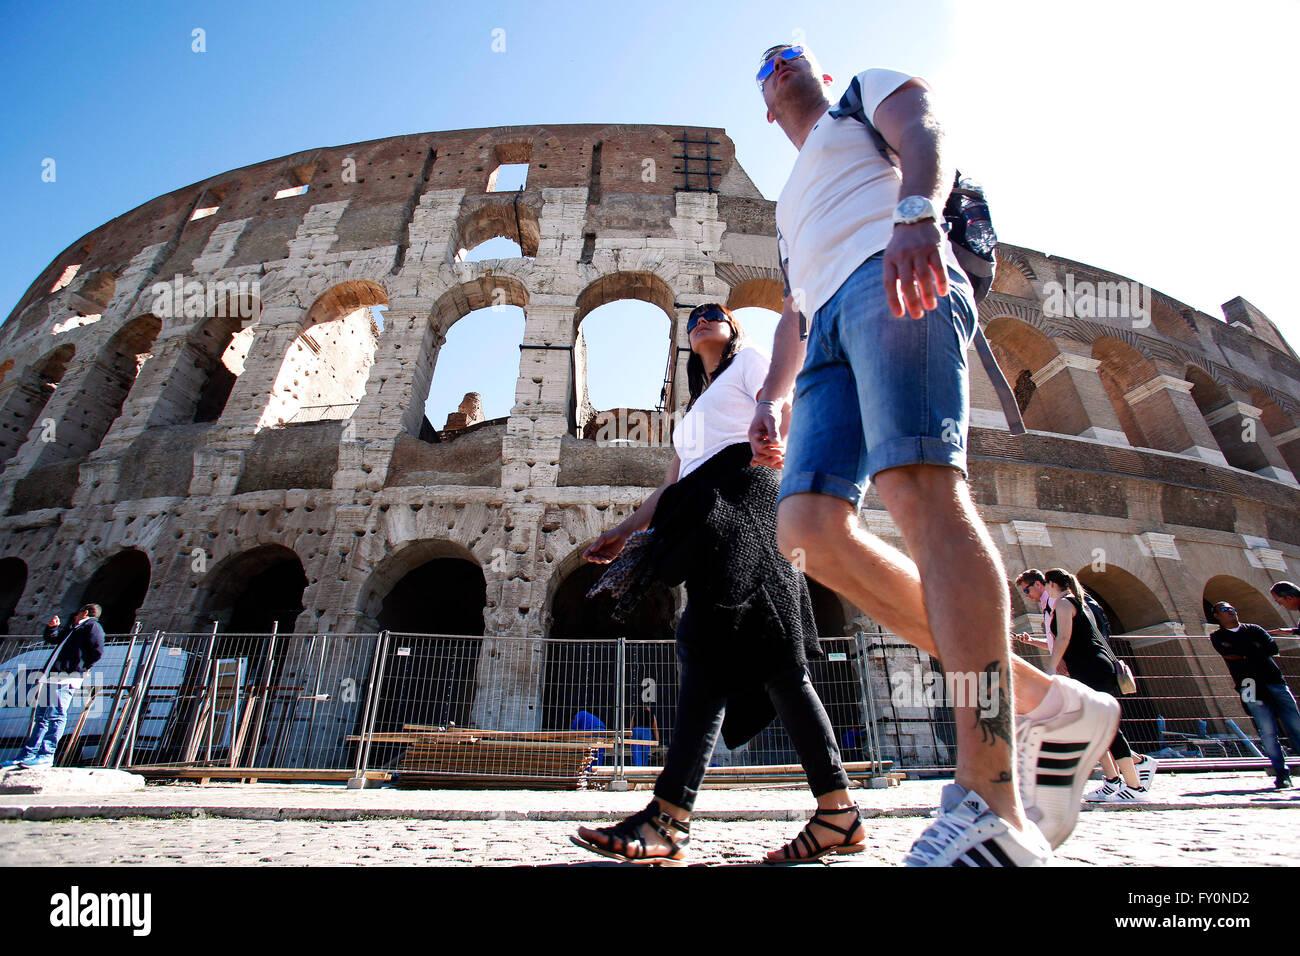 Les touristes au Colisée Rome le 20 avril 2016. Autour de Coliseum Photo Samantha Insidefoto Zucchi Photo Stock